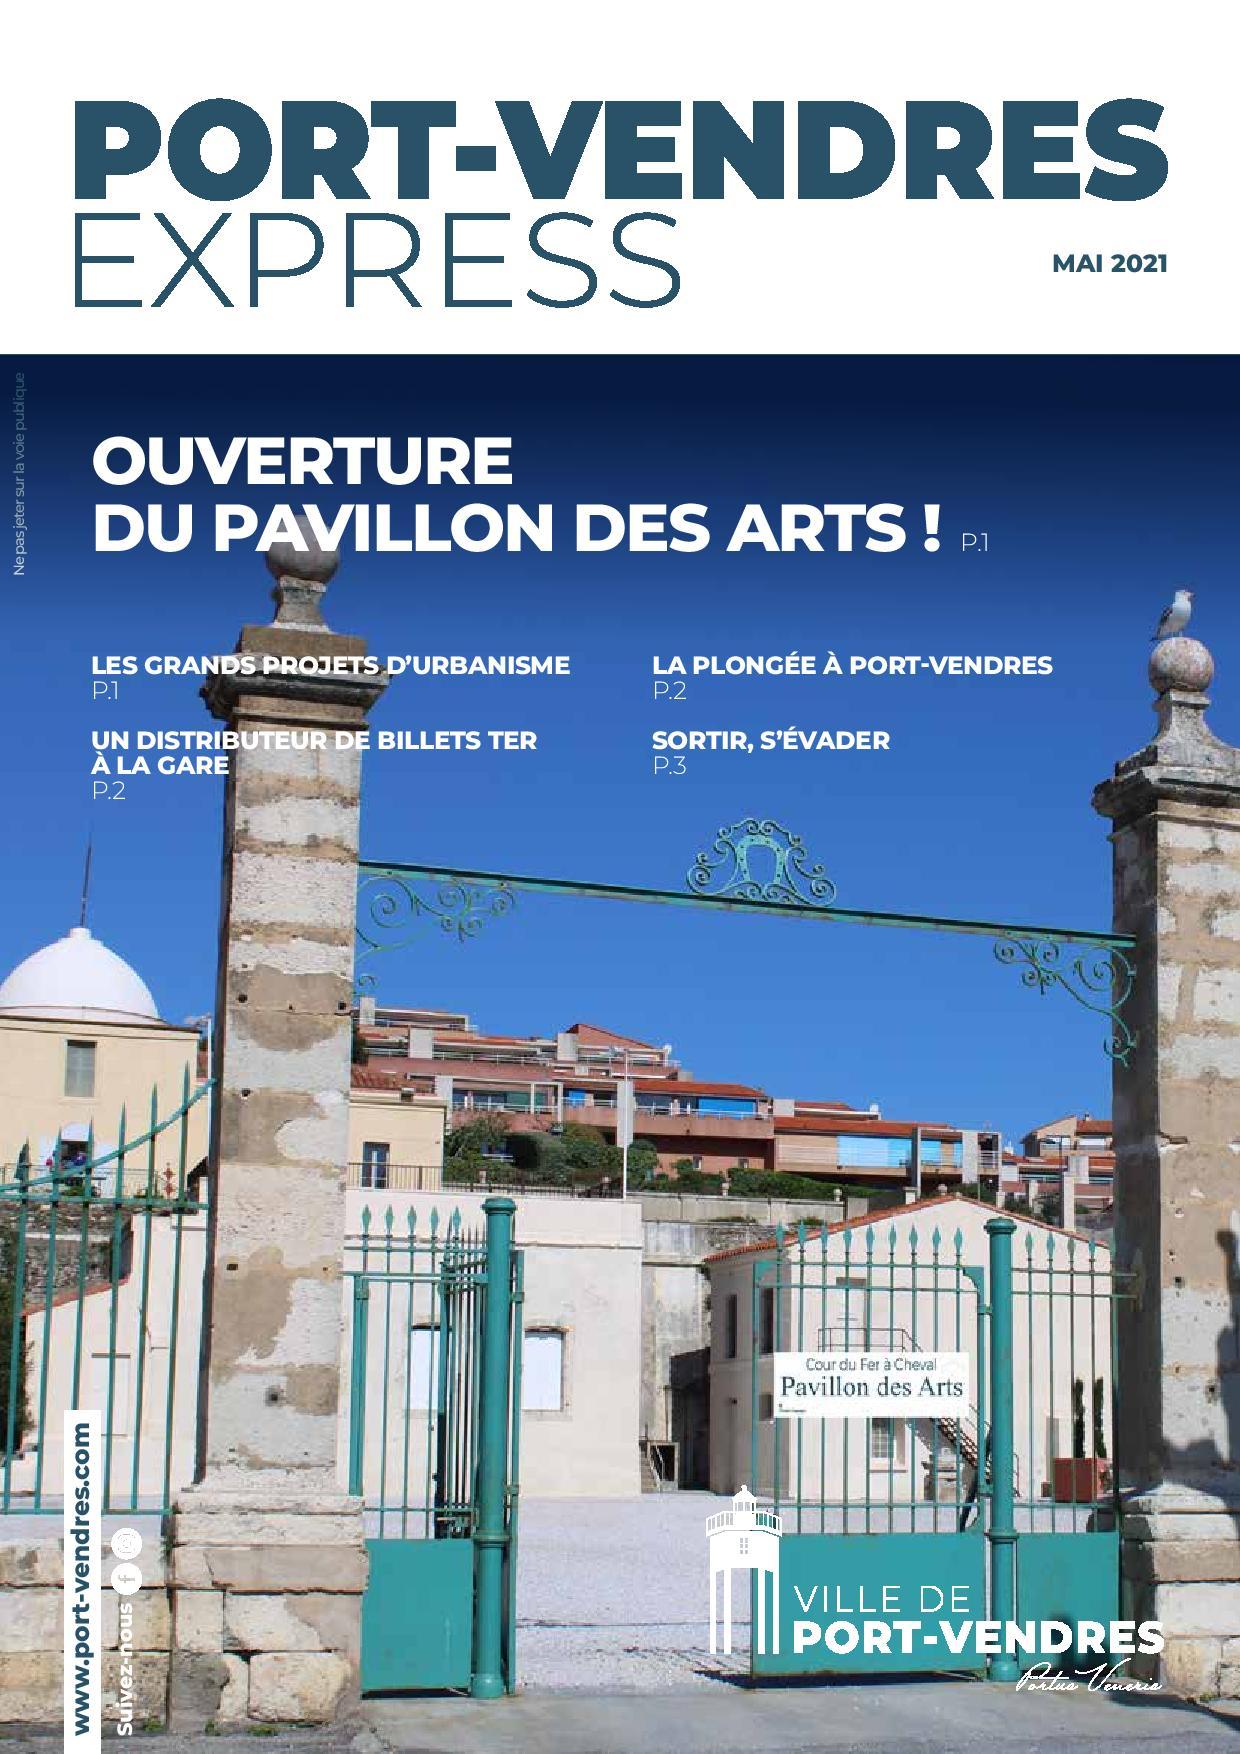 Port-Vendres EXPRESS de Mai 2021 parle de l' A.C.R.M.R